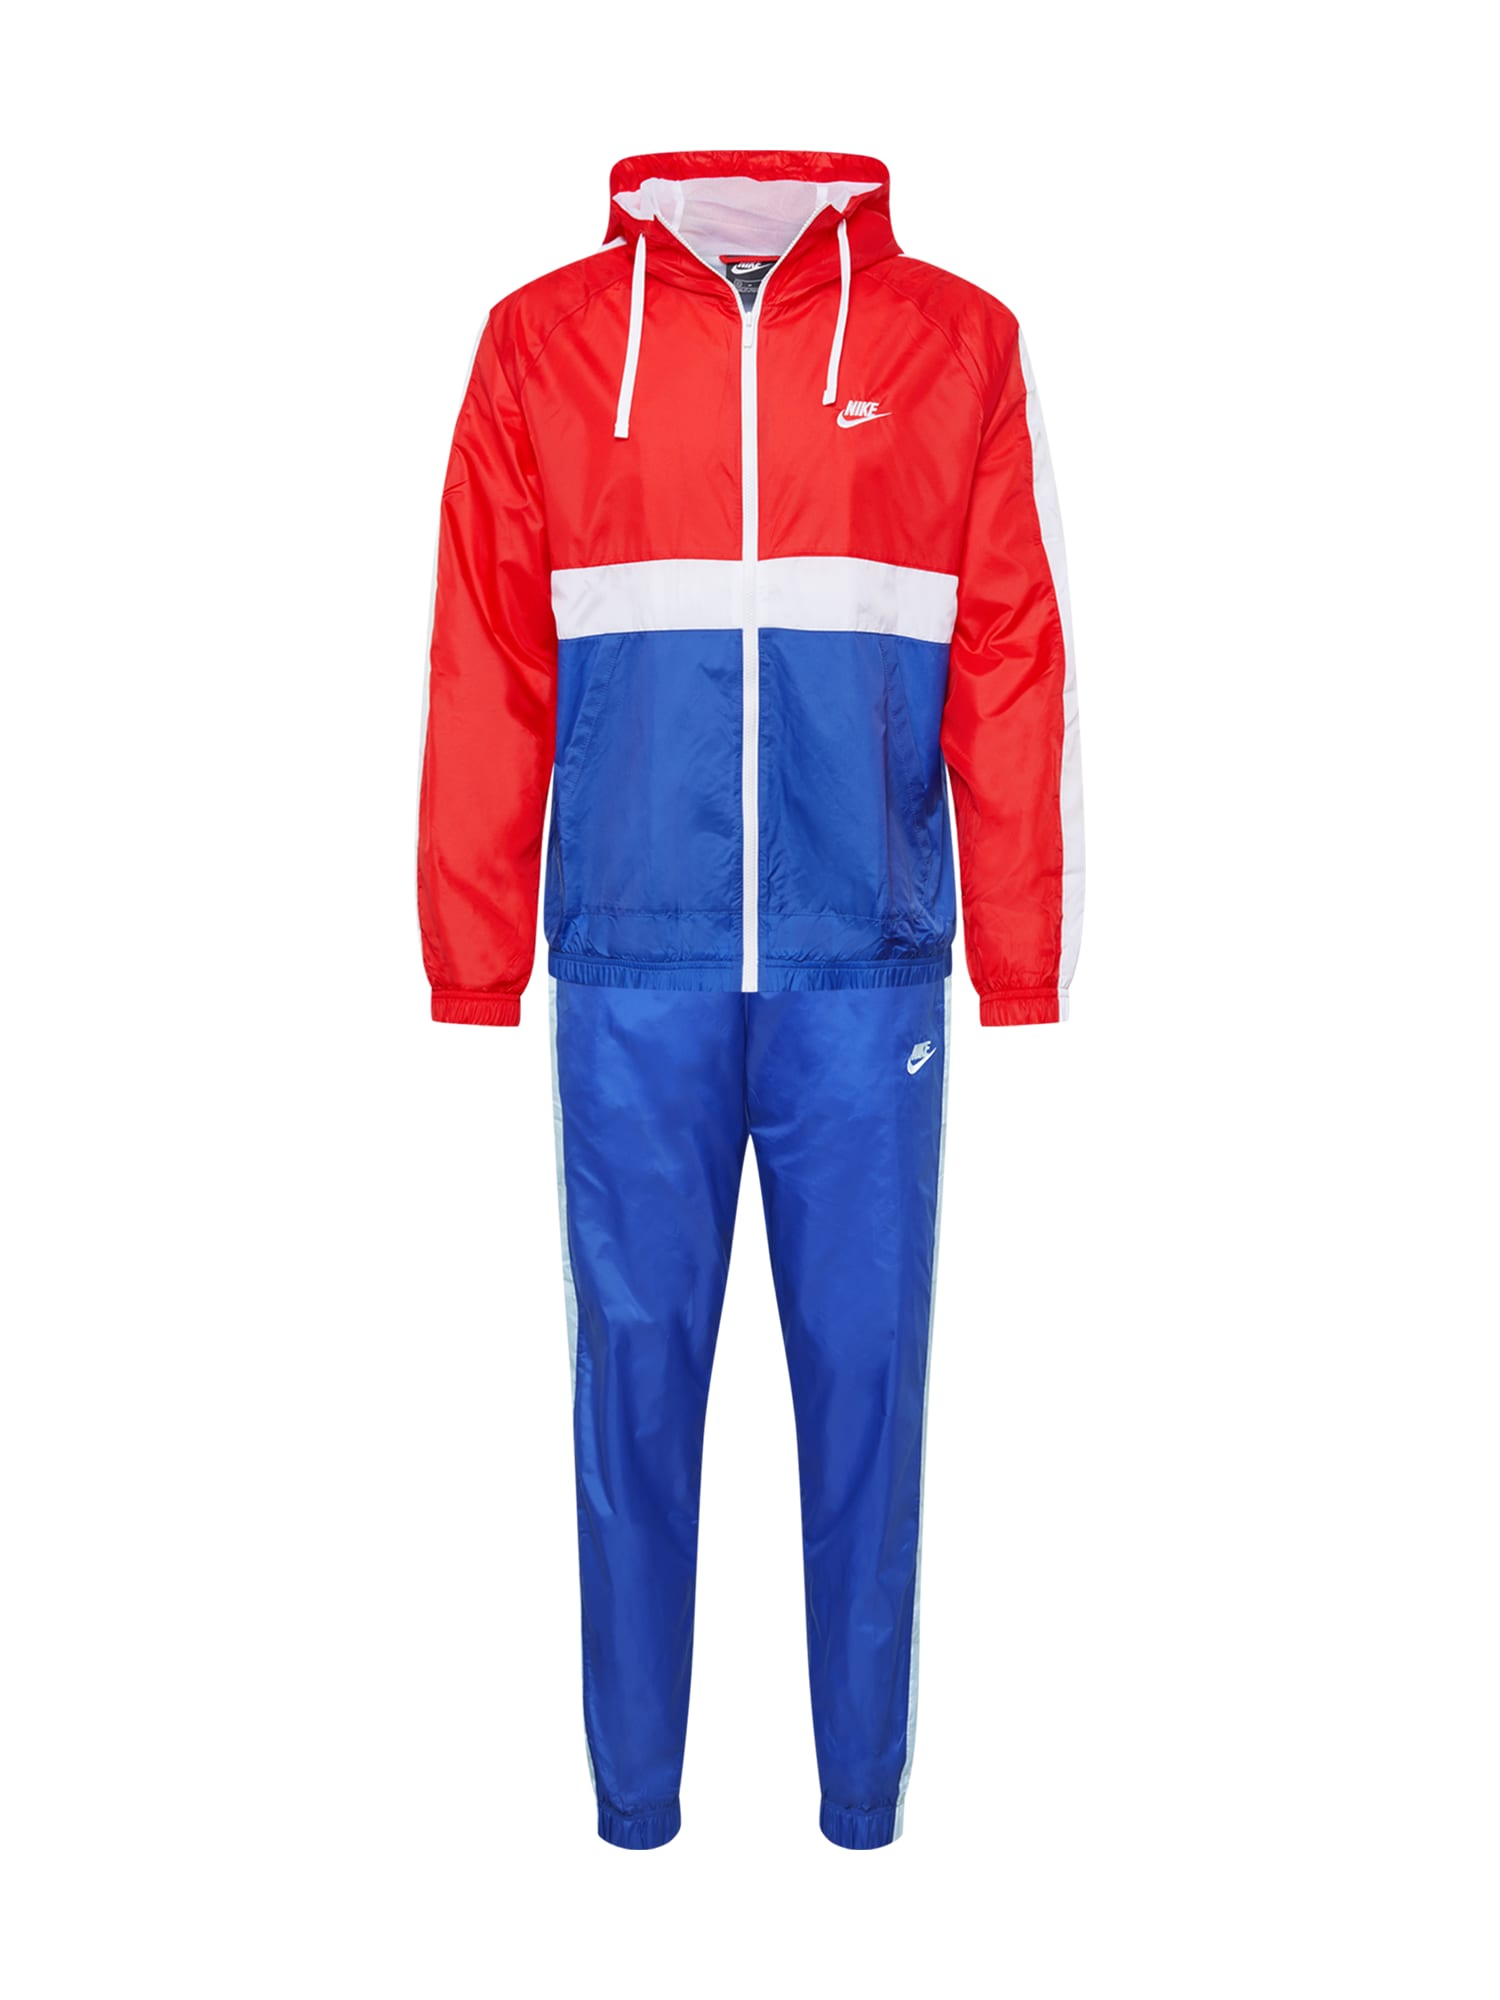 Nike Sportswear Laisvalaikio kostiumas raudona / mėlyna / balta